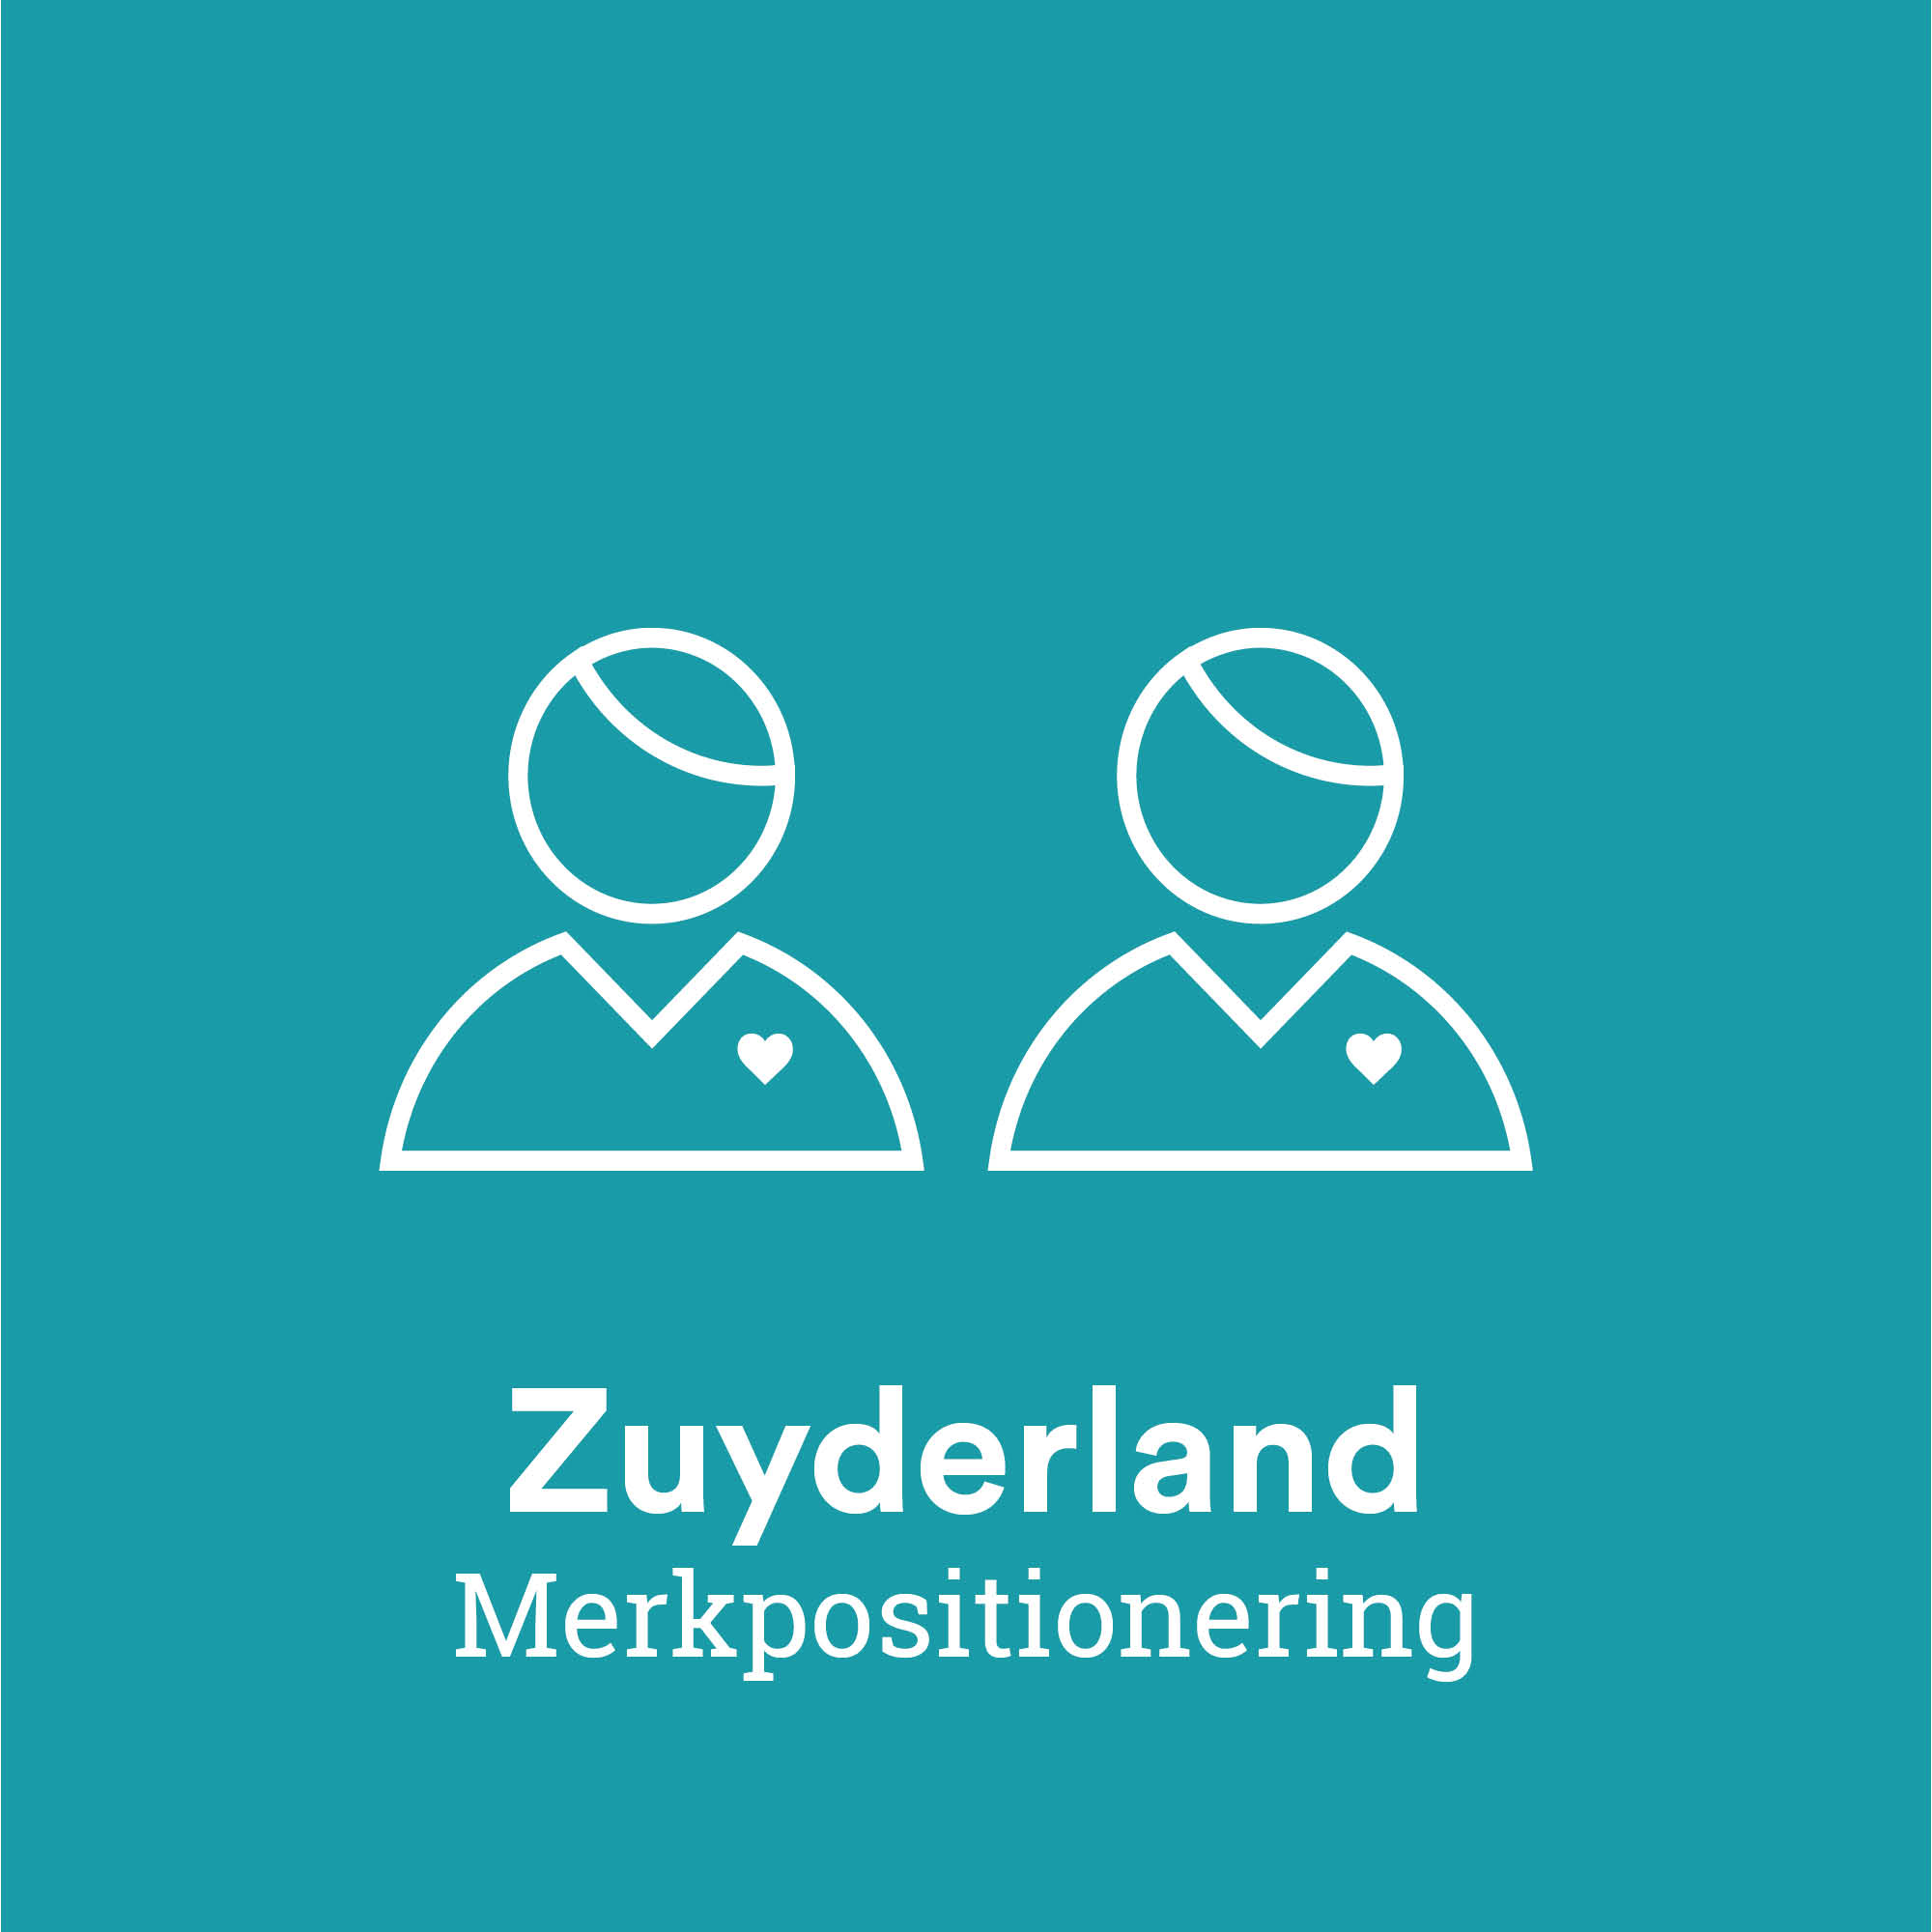 Zuyderland Merpositionering